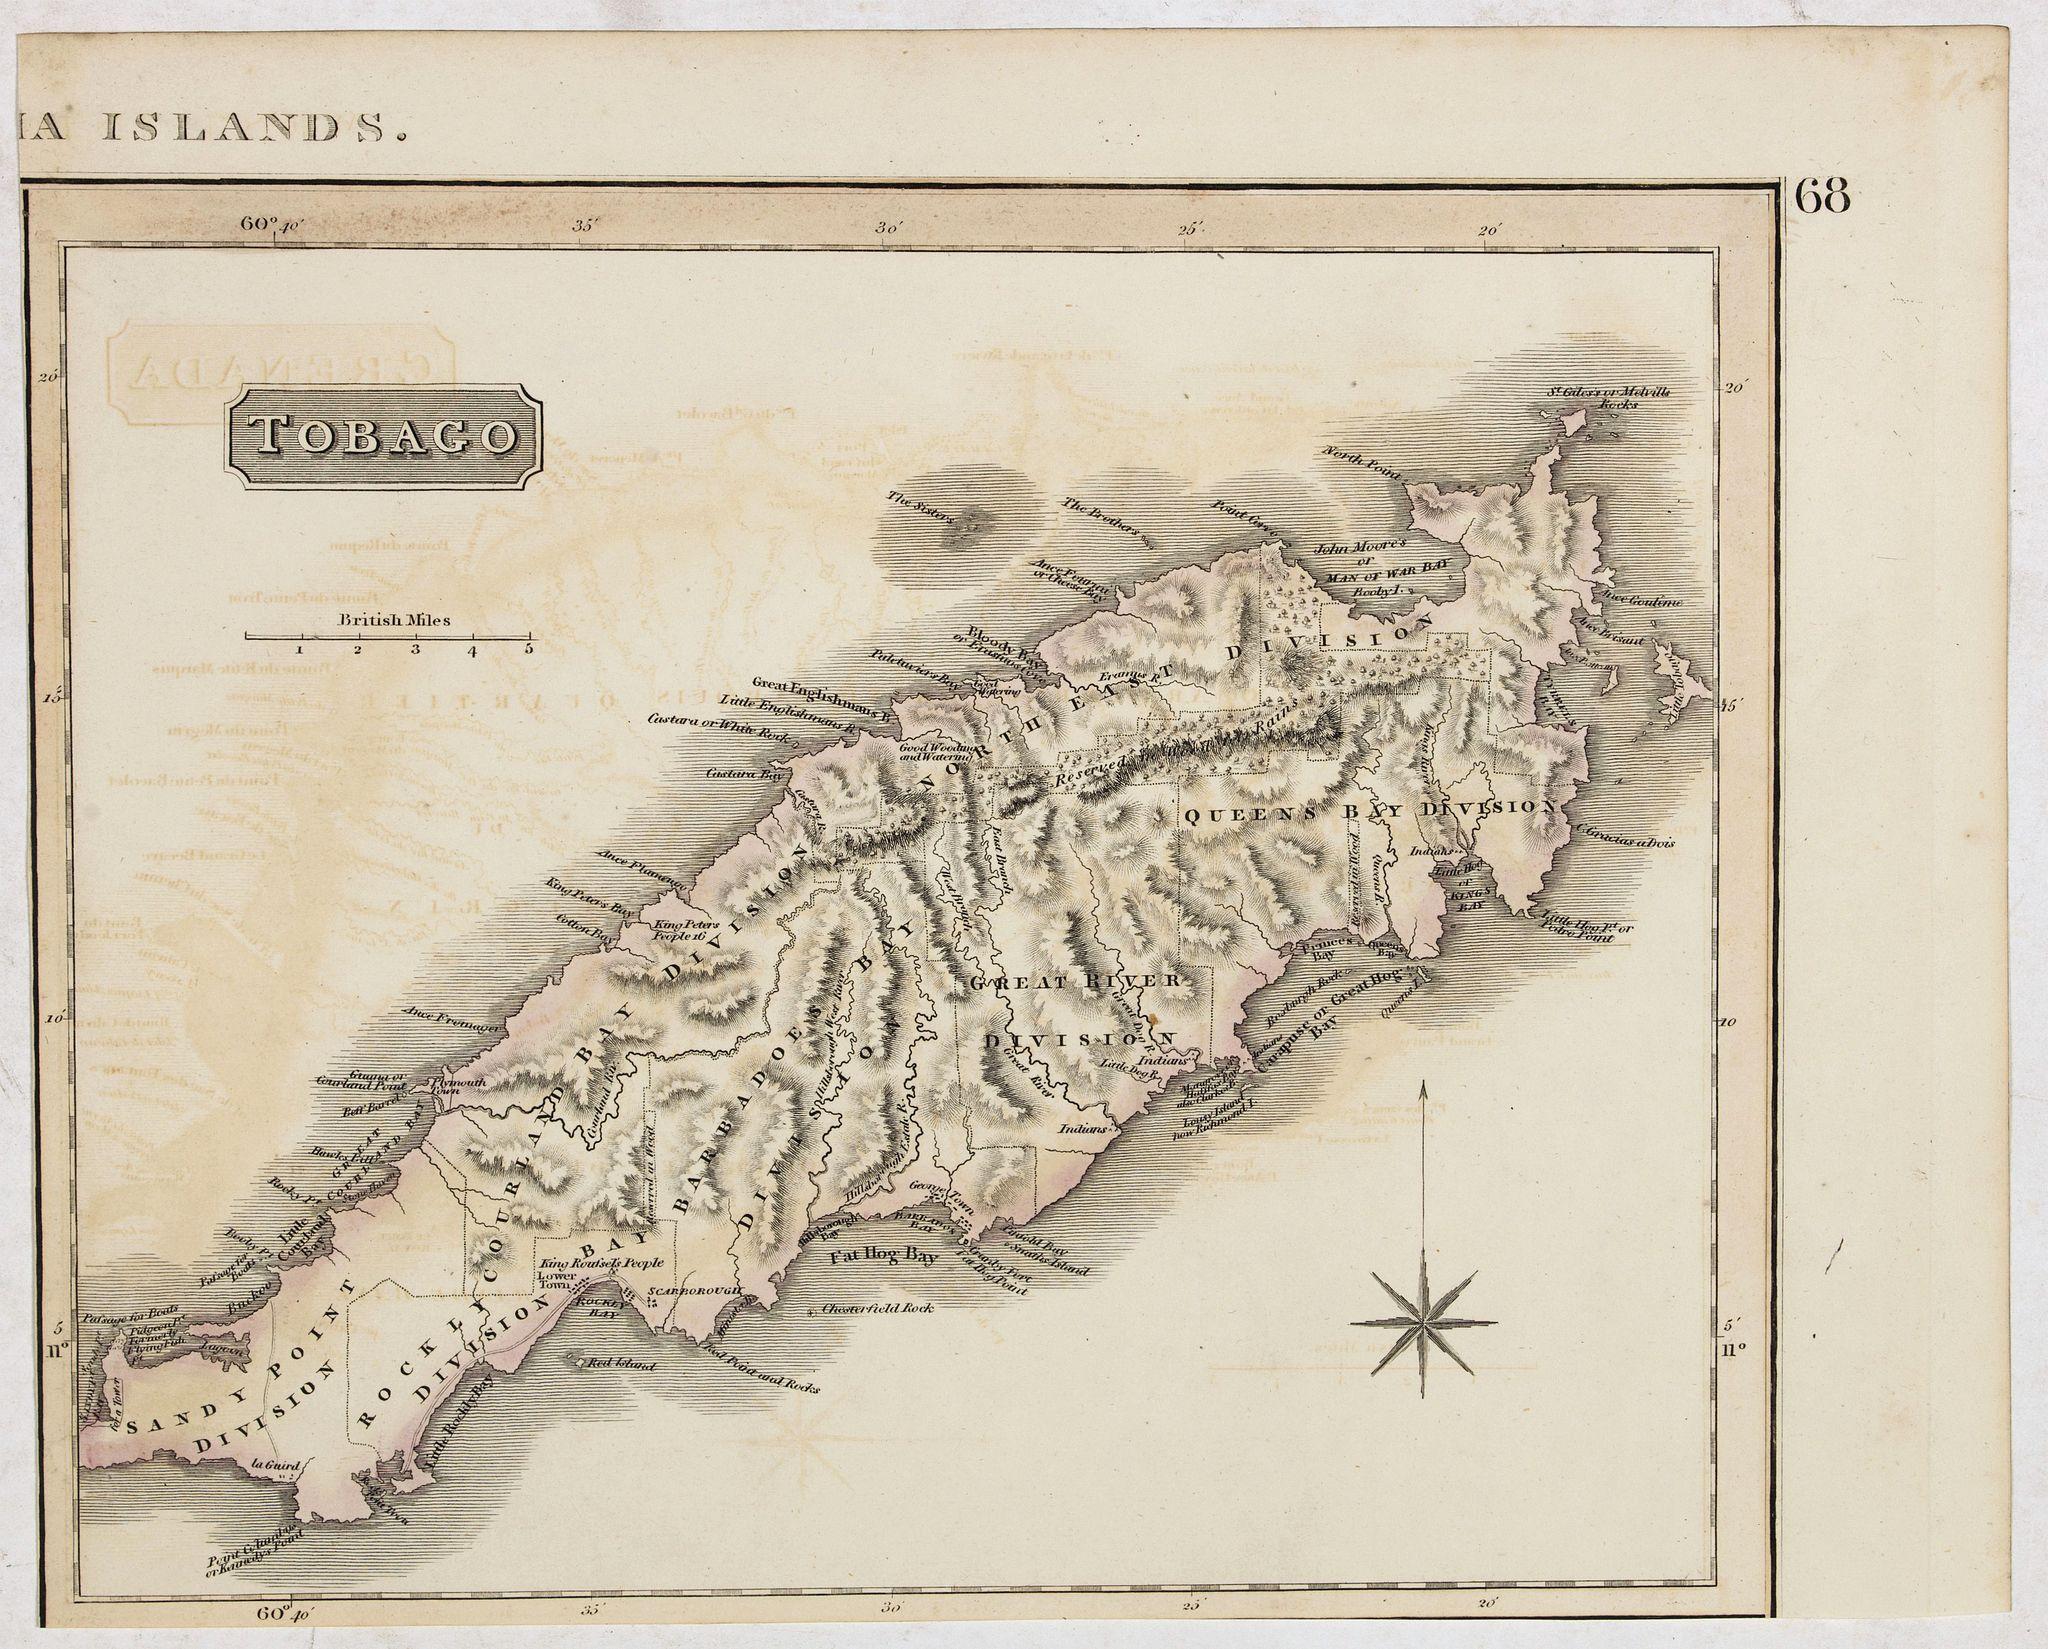 THOMSON, J. -  Tobago.